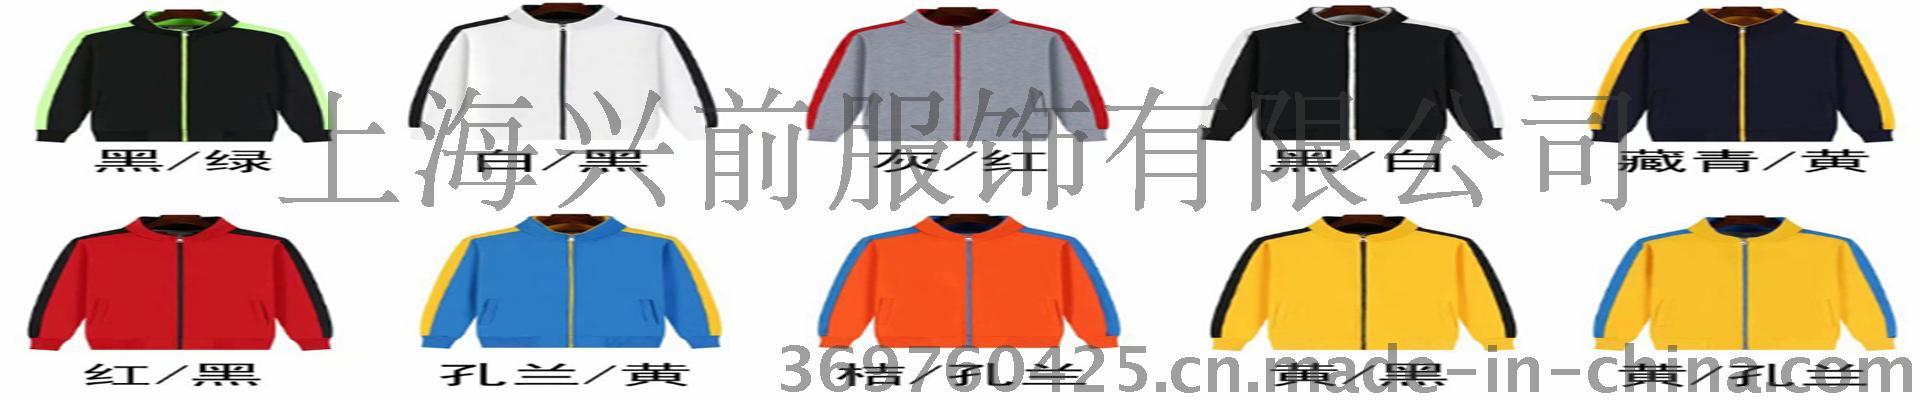 上海兴前服饰有限公司